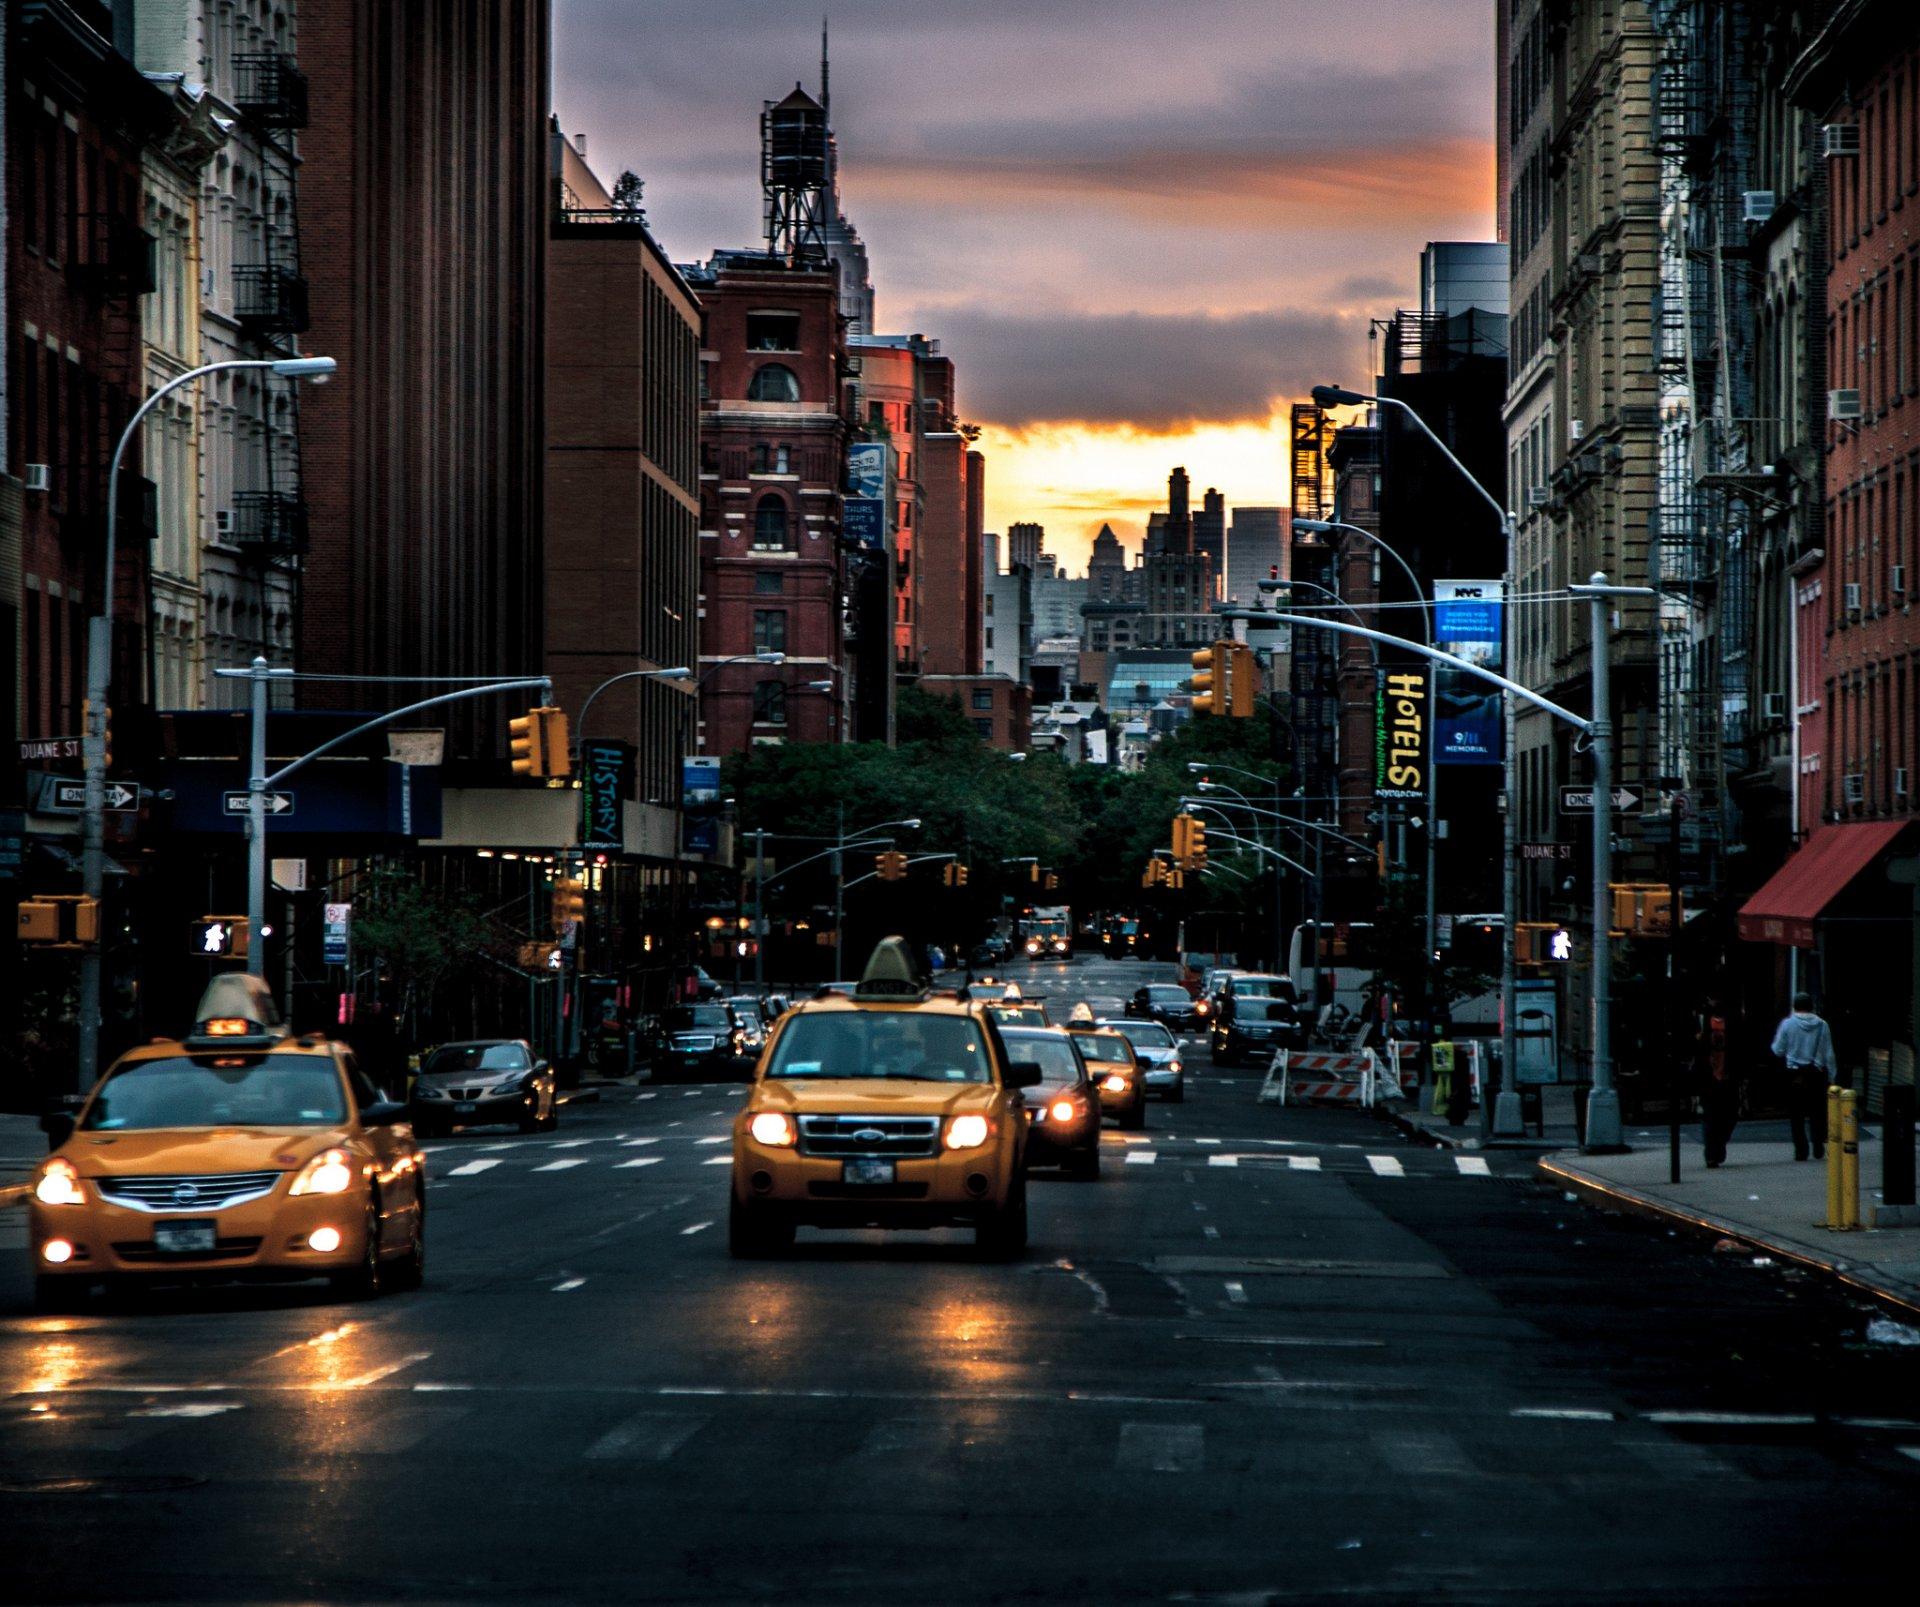 Обои Светофор, улица, такси, люди, реклама, дома. Города foto 17